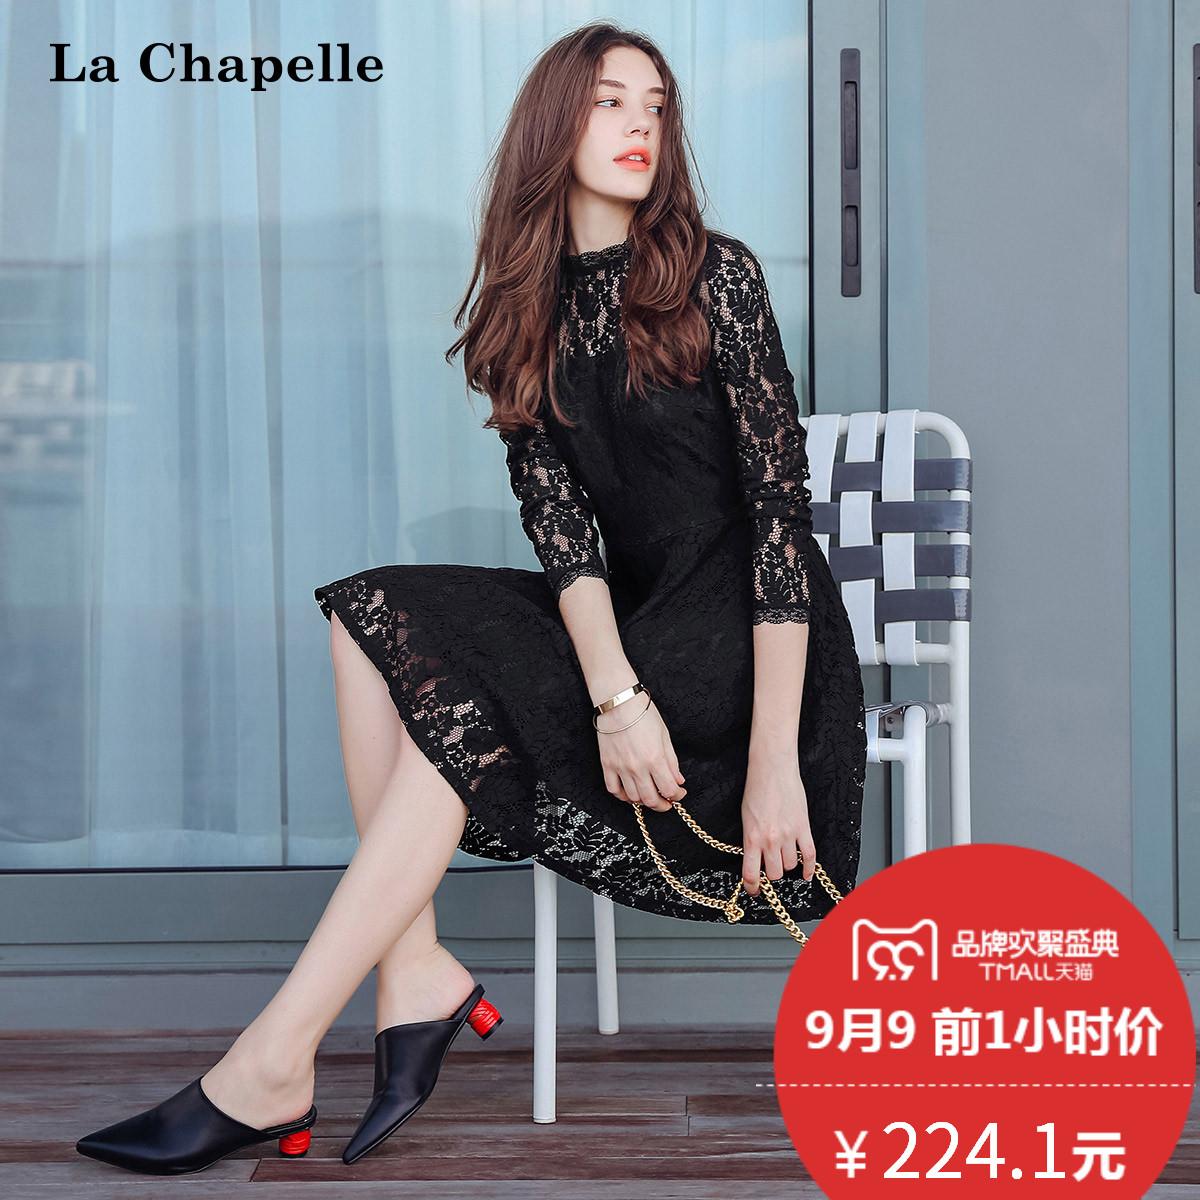 秋装长袖连衣裙2017新款韩版时尚收腰显瘦中长款气质名媛短裙子女